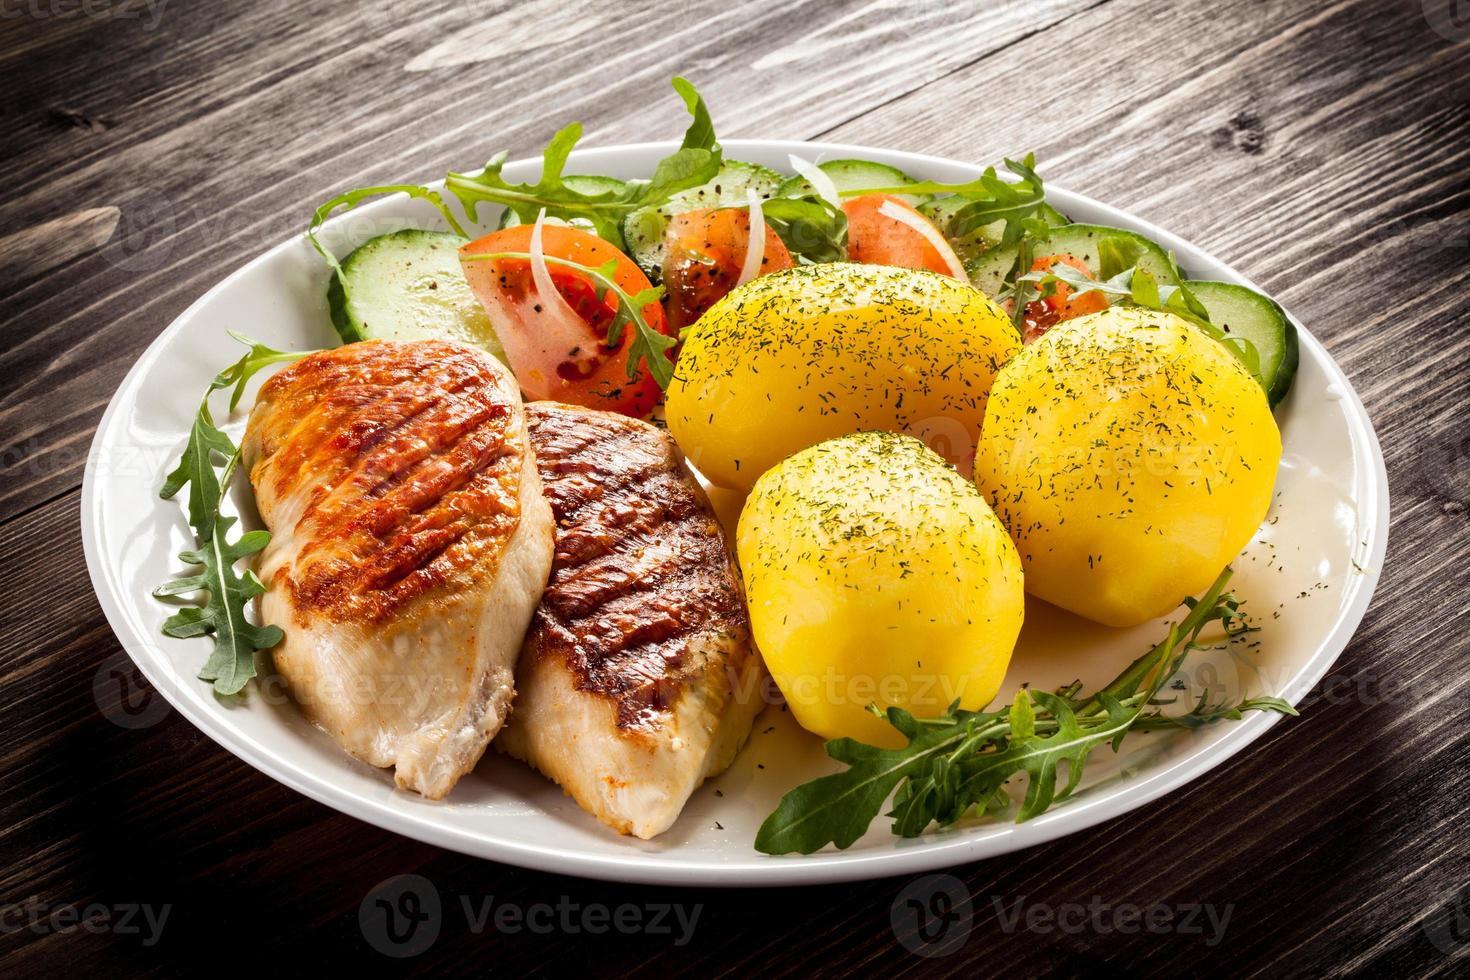 grillad kycklingfilé, kokt potatis och grönsaker foto